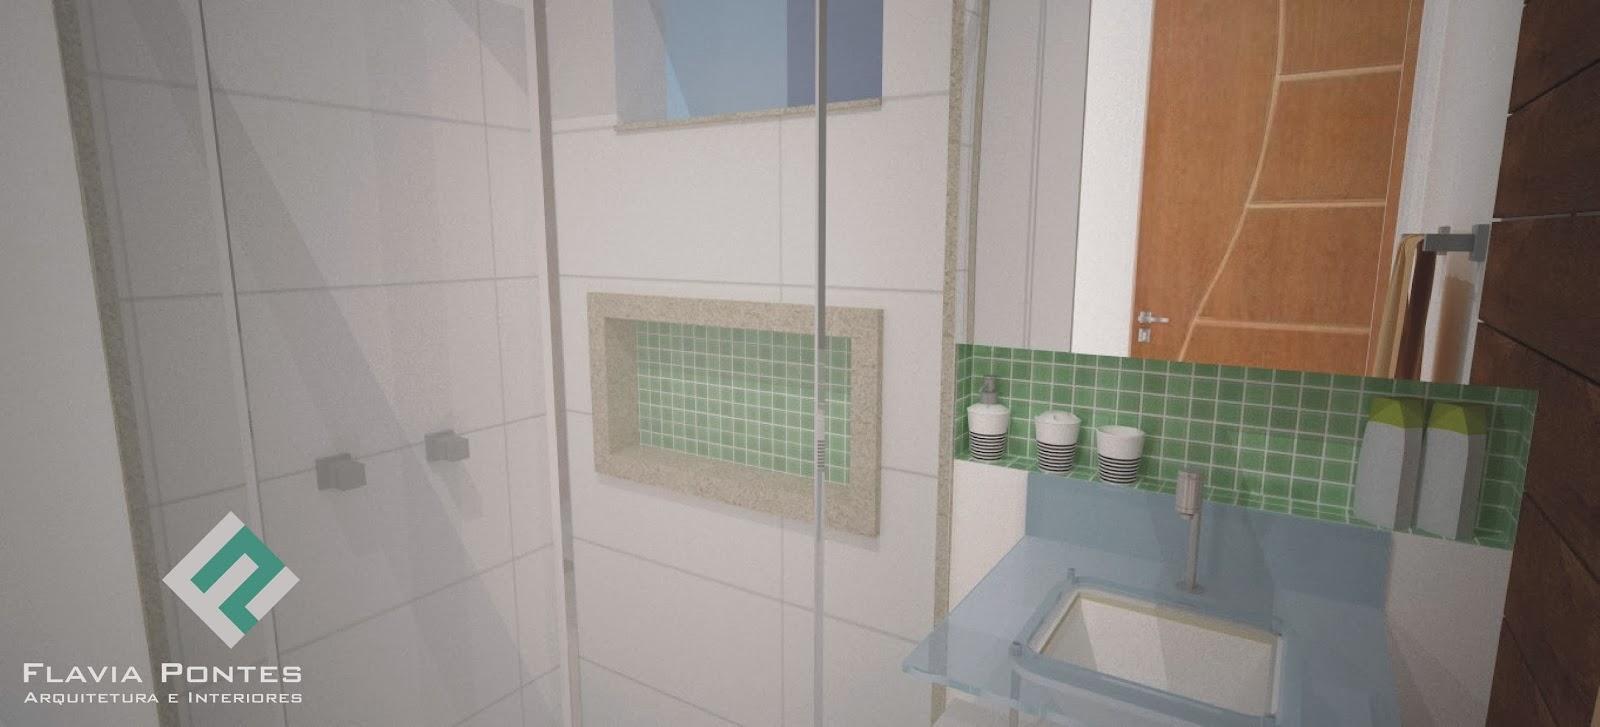 Flavia Pontes Arquitetura -> Banheiro Pequeno Social